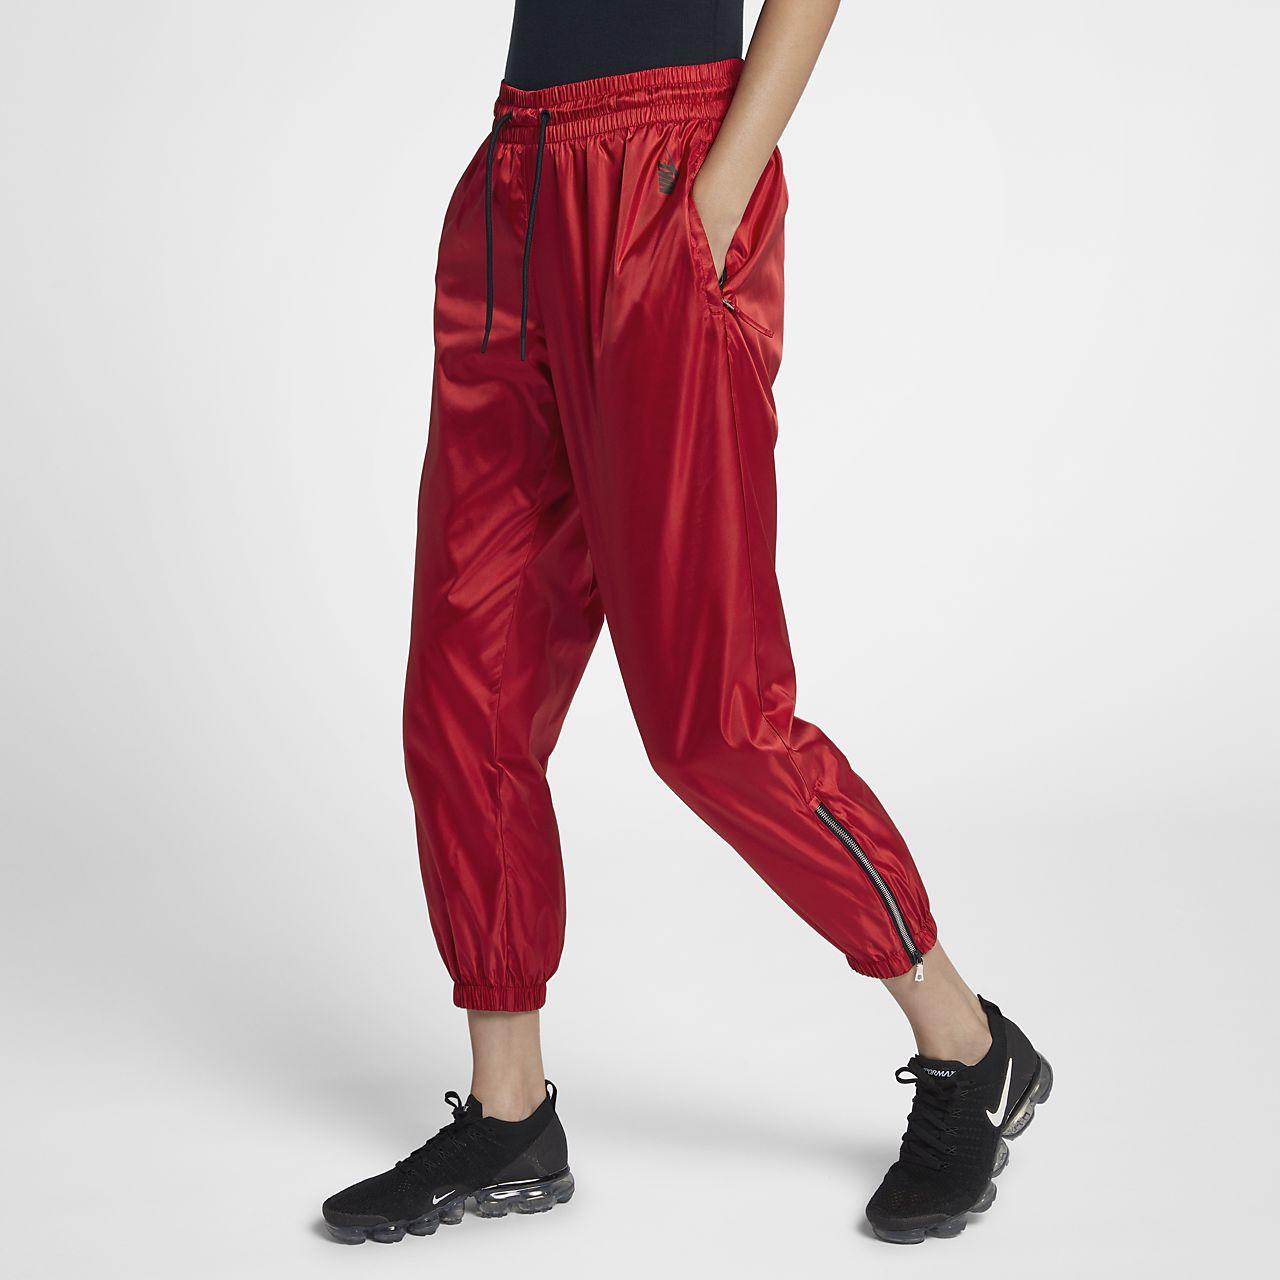 กางเกงวอร์มผู้หญิง NikeLab Collection